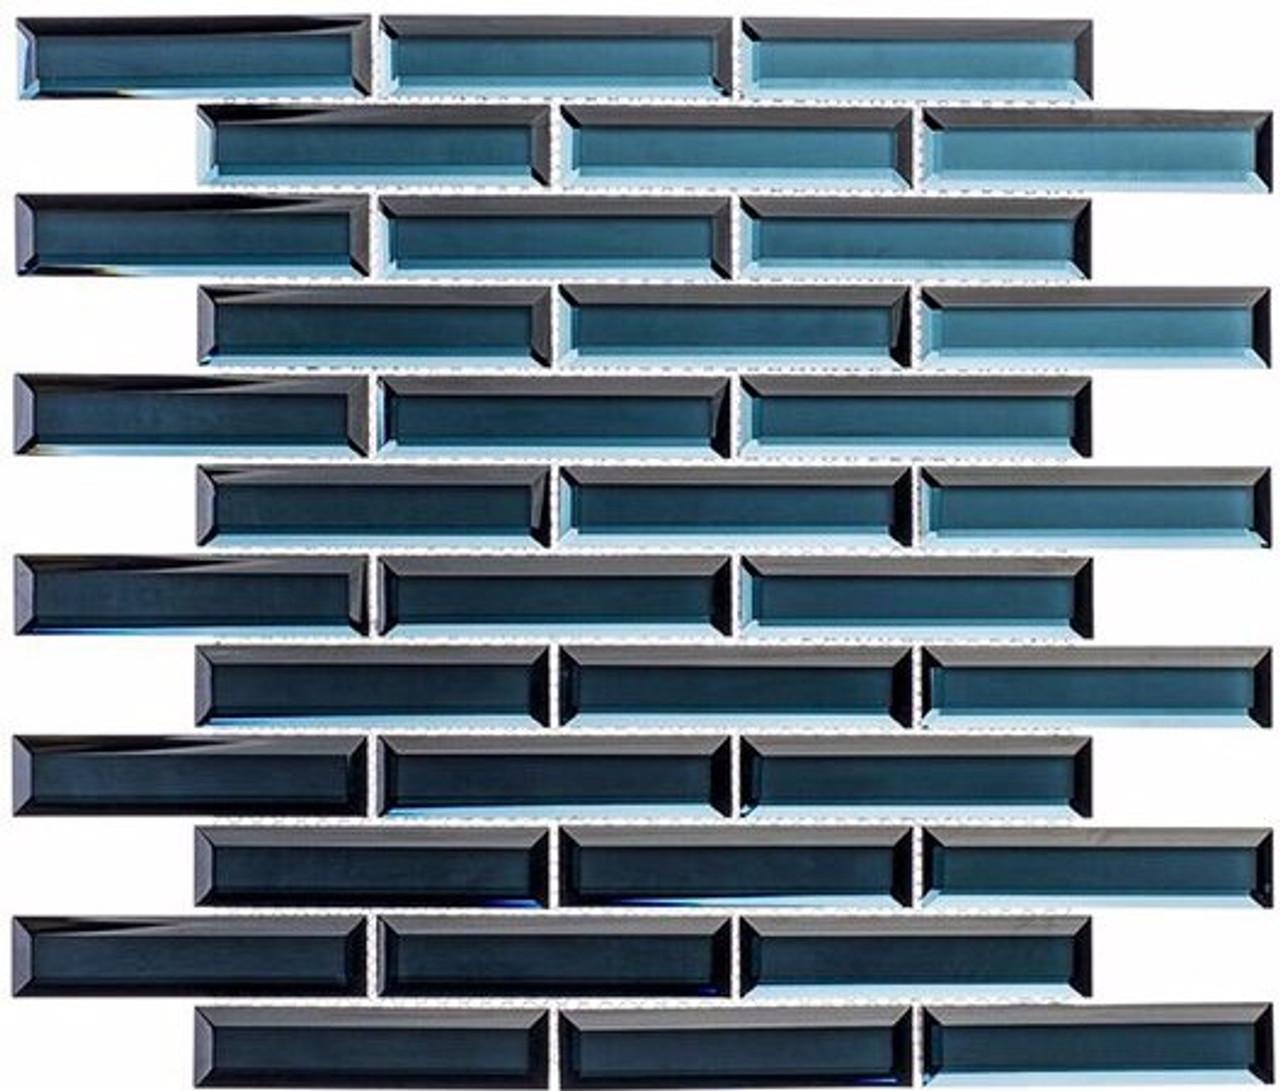 Bella Glass Tiles Mystique Aruba Sparkle 1 x 4